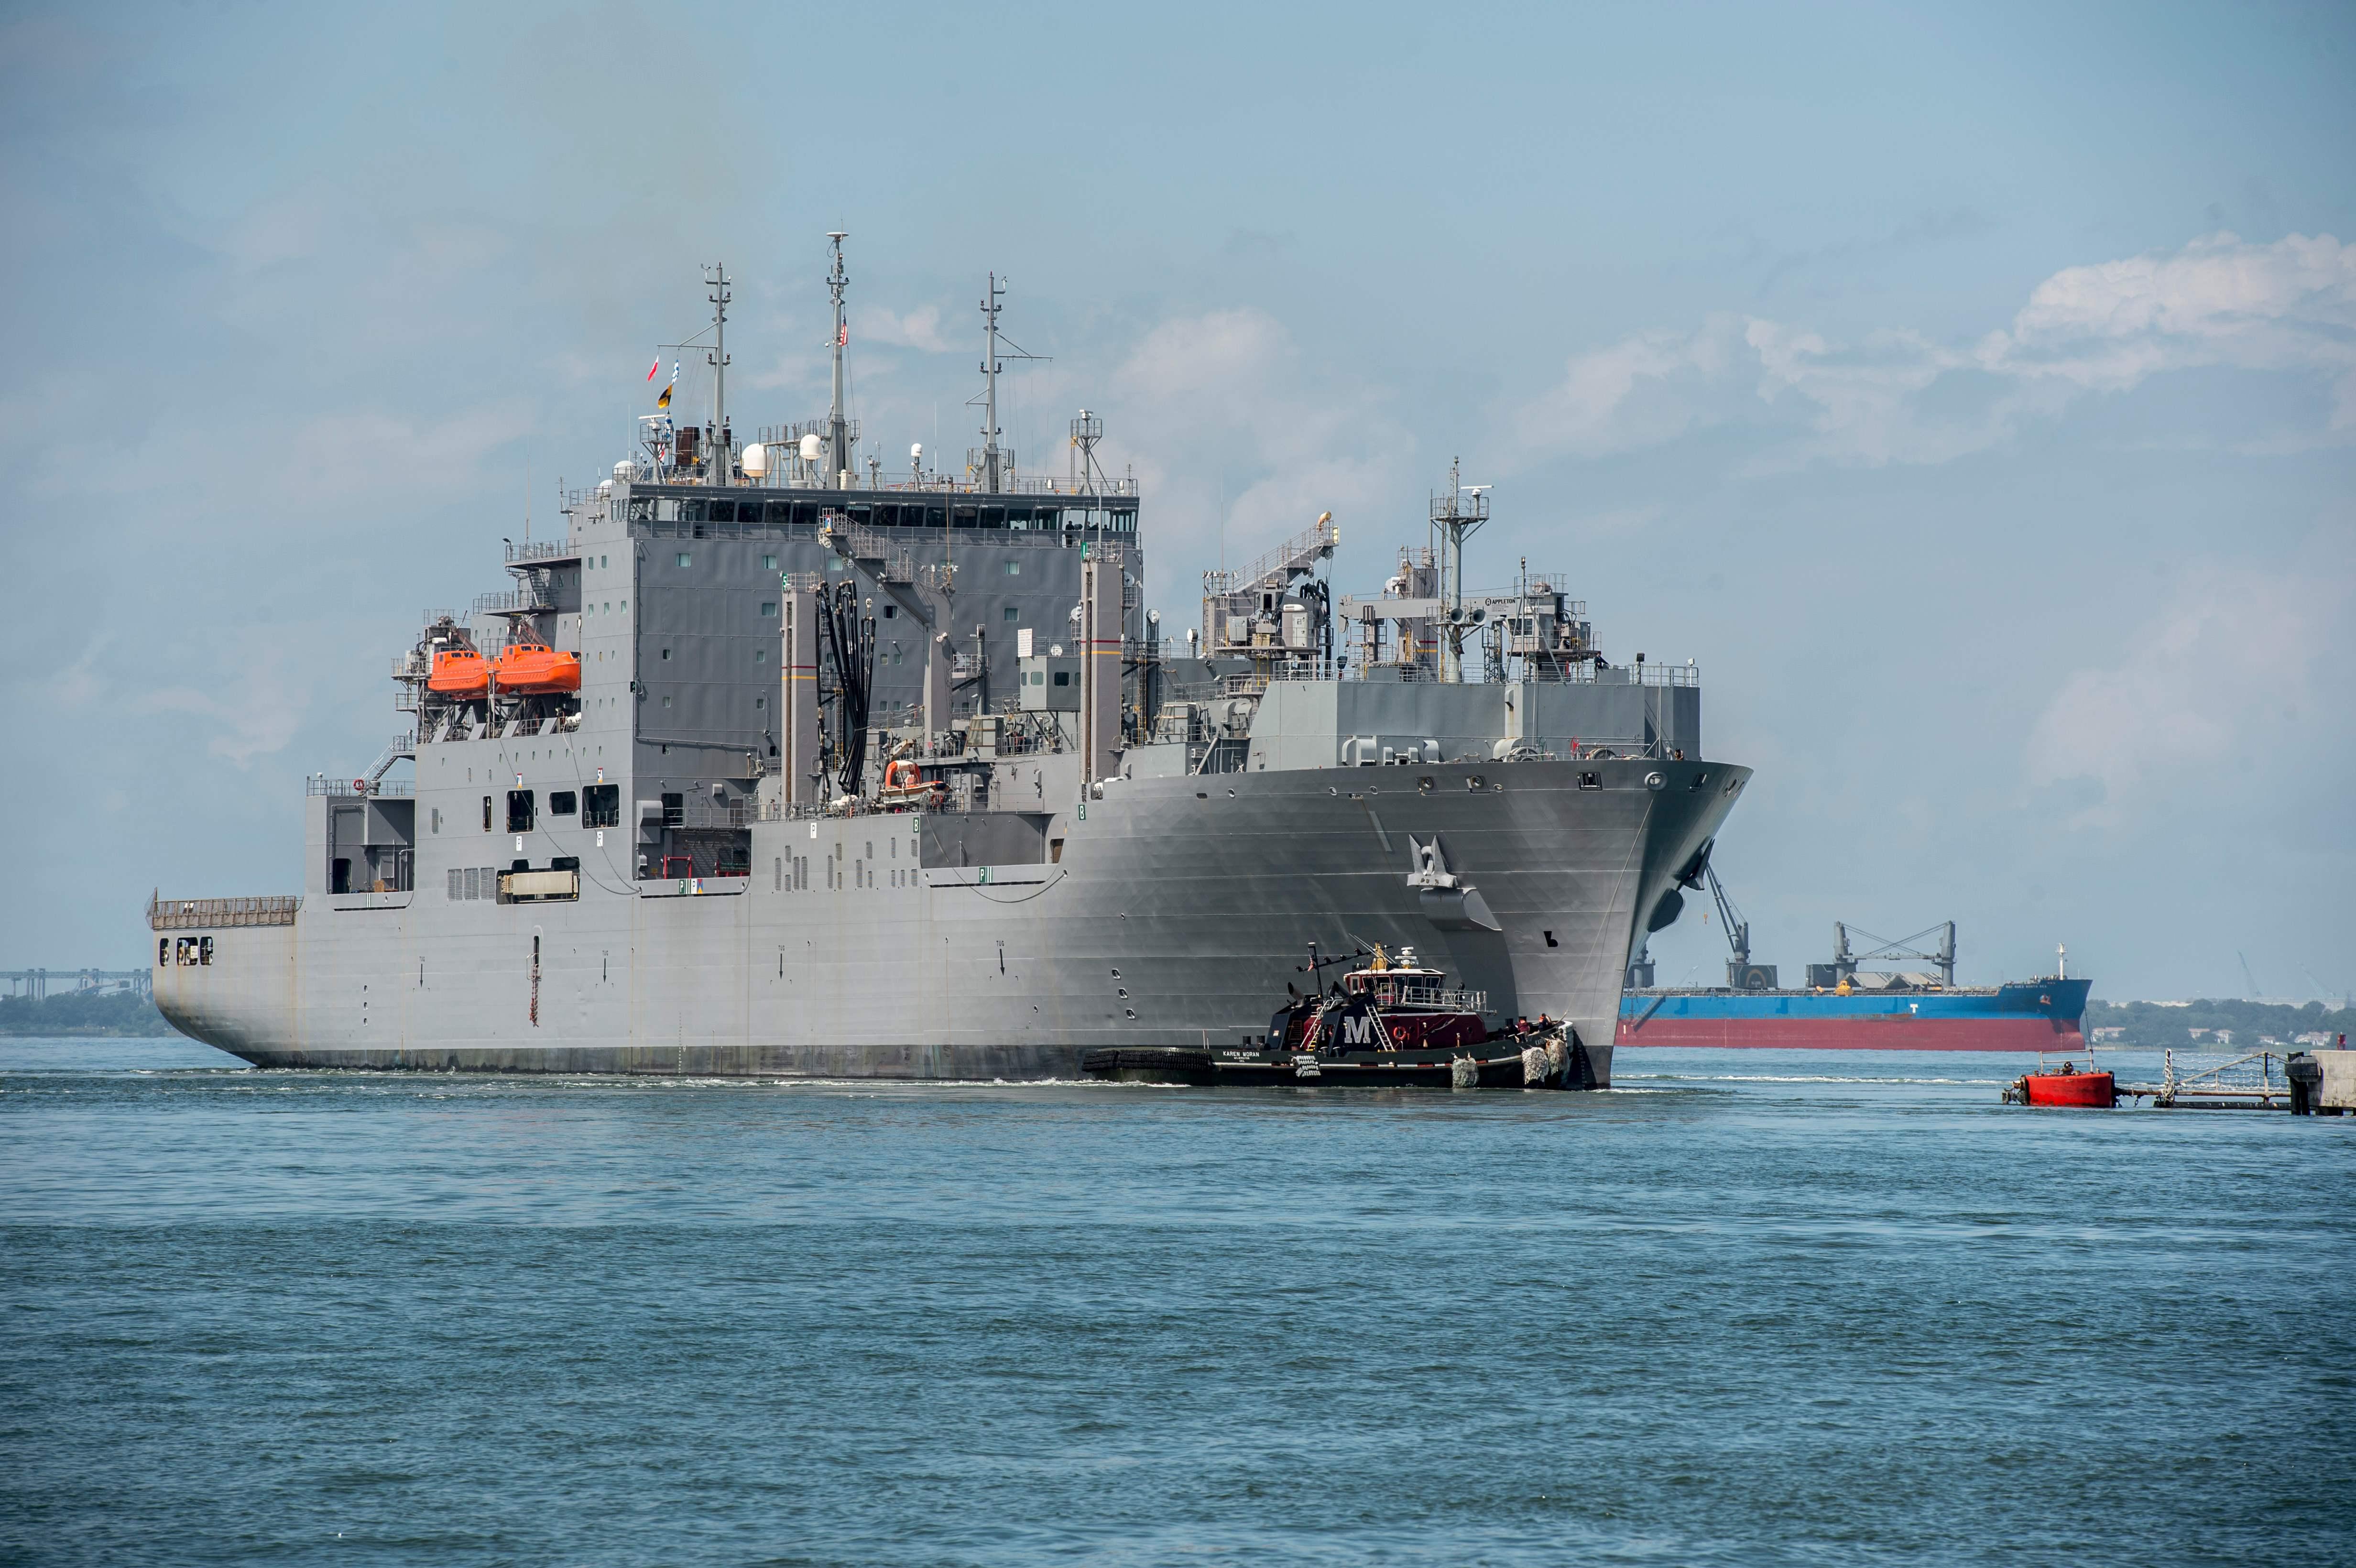 مغادرة مدمرة الصواريخ بعد صدور أوامر قائد الاسطول الامريكى